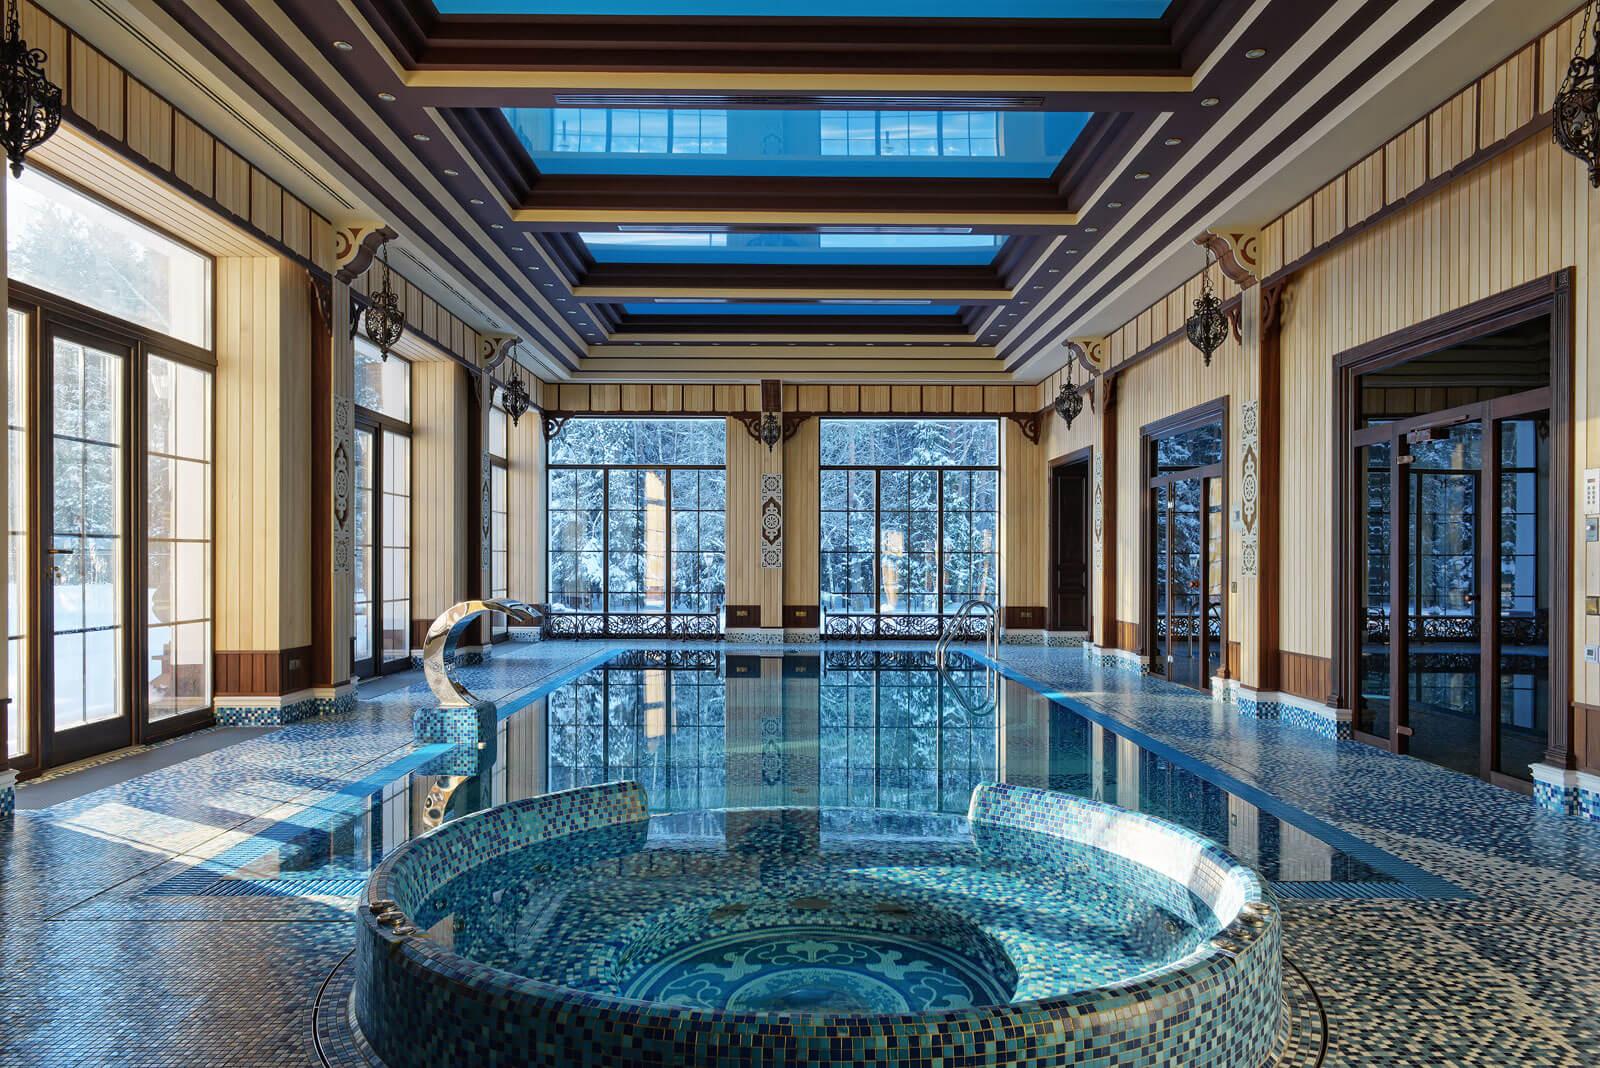 Mozaiek tegels in luxe wellness ruimte